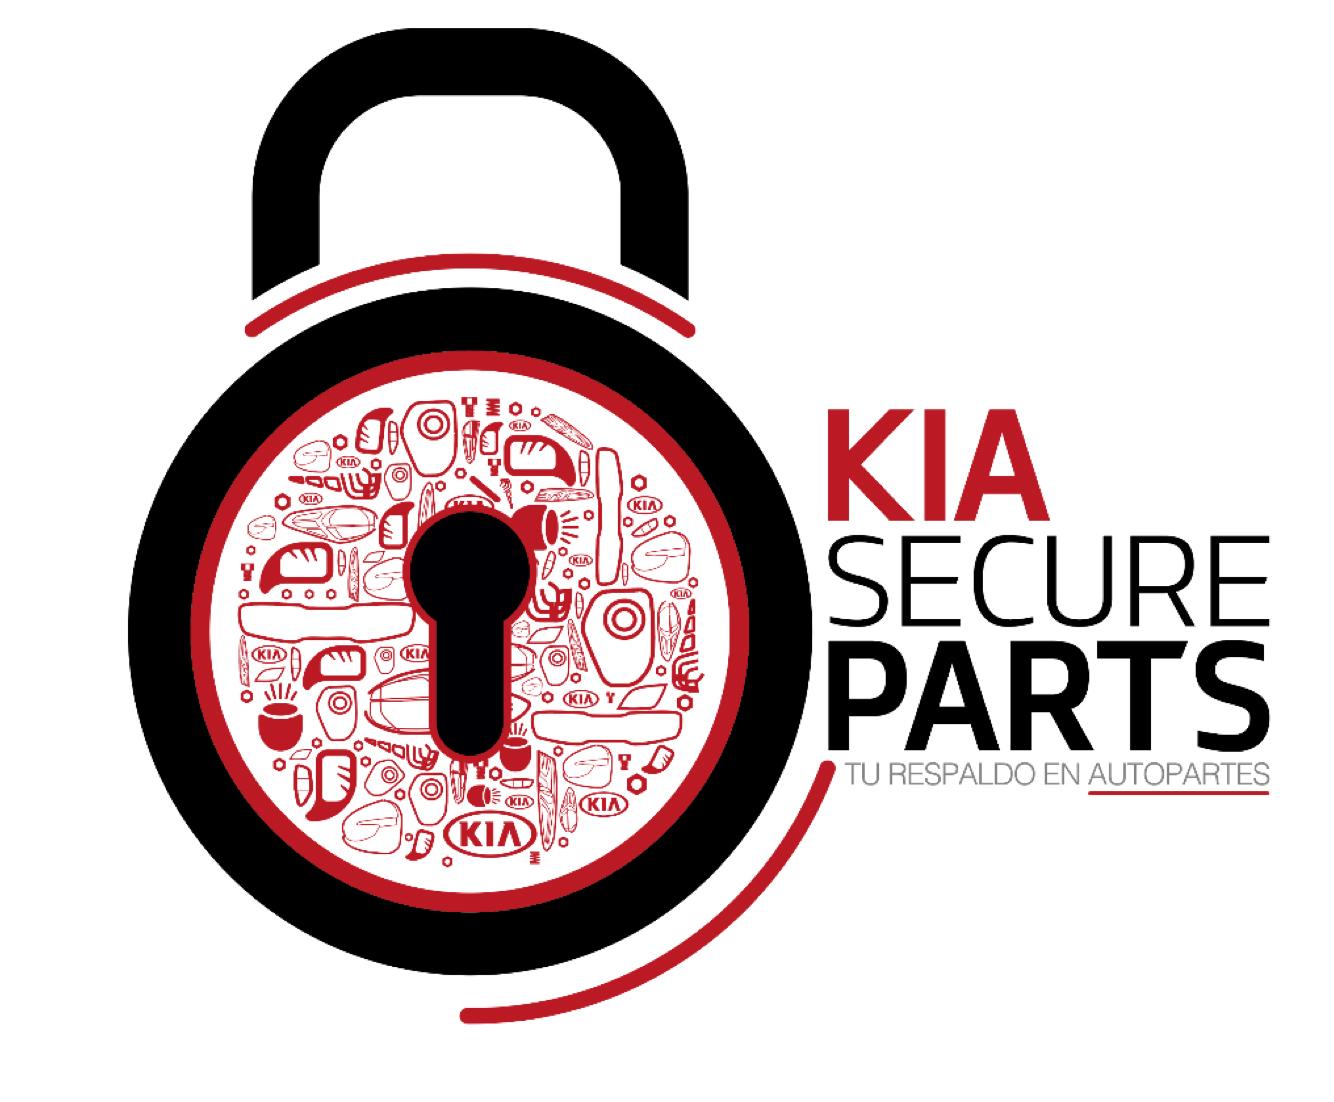 kia secure